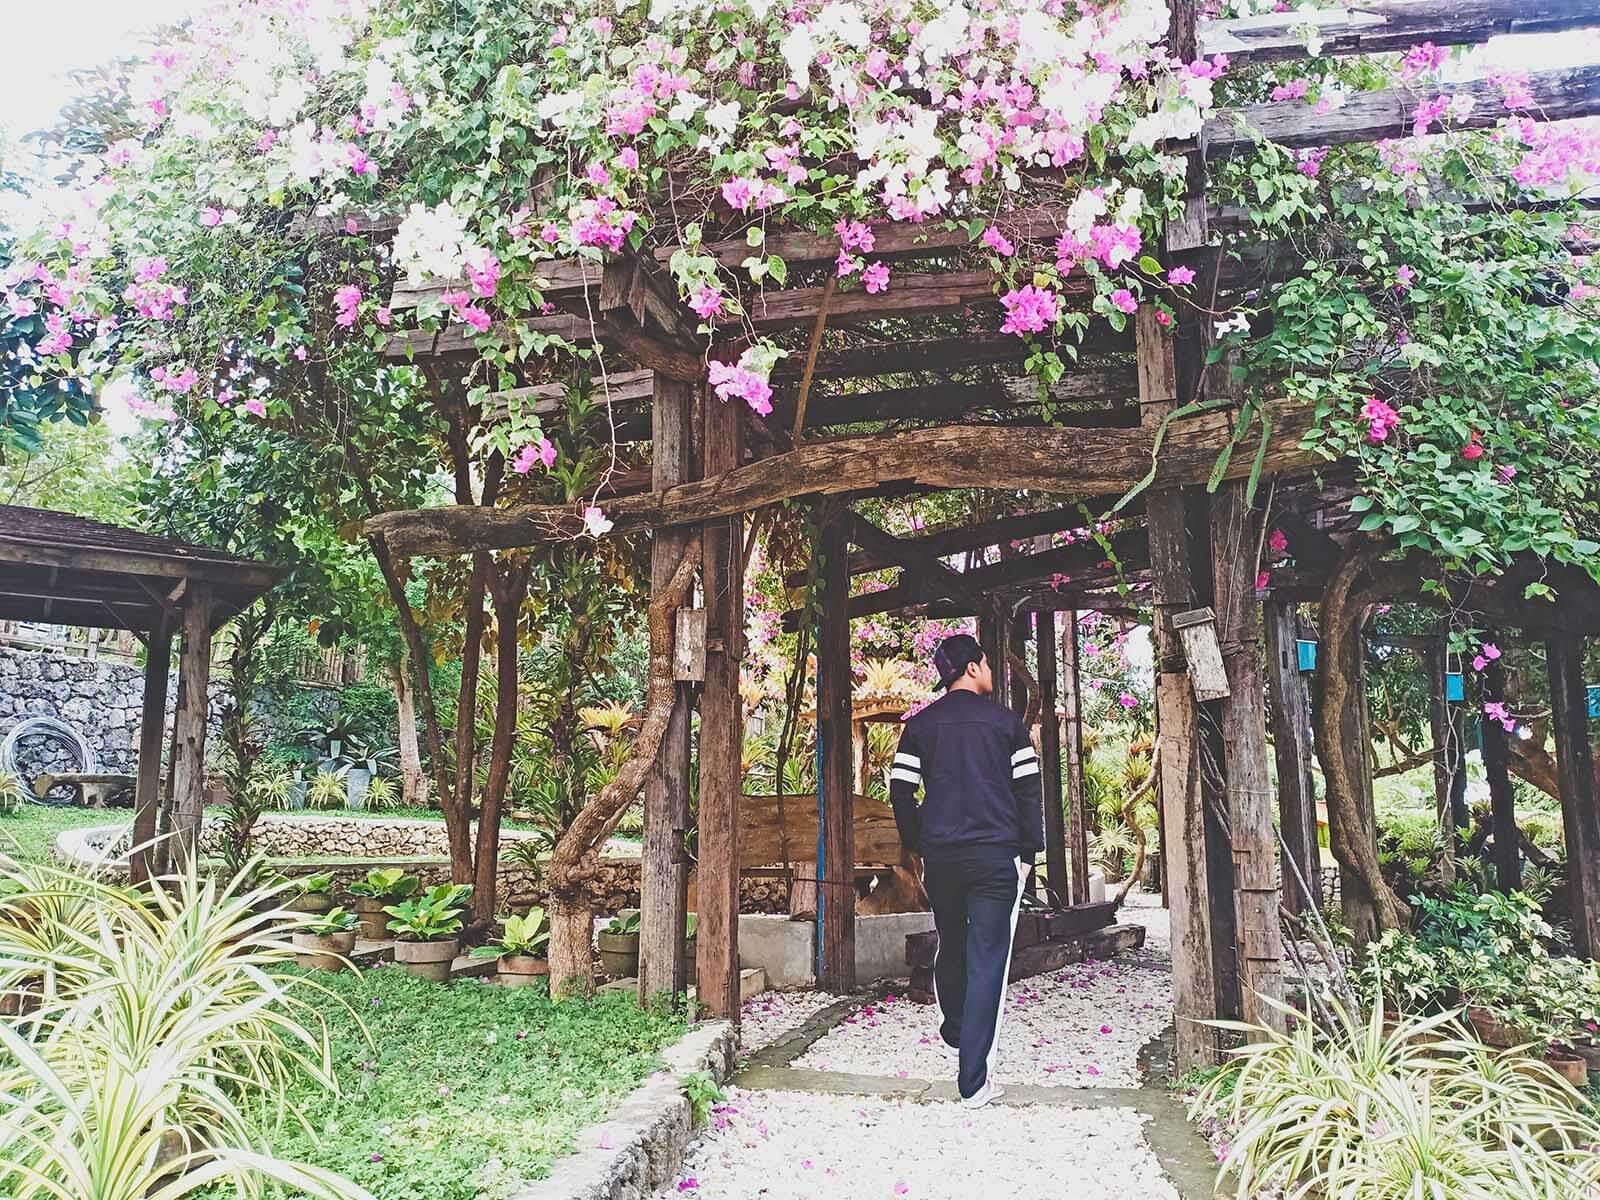 OldWoods by the Sea Nature Resort -Trellis Garden